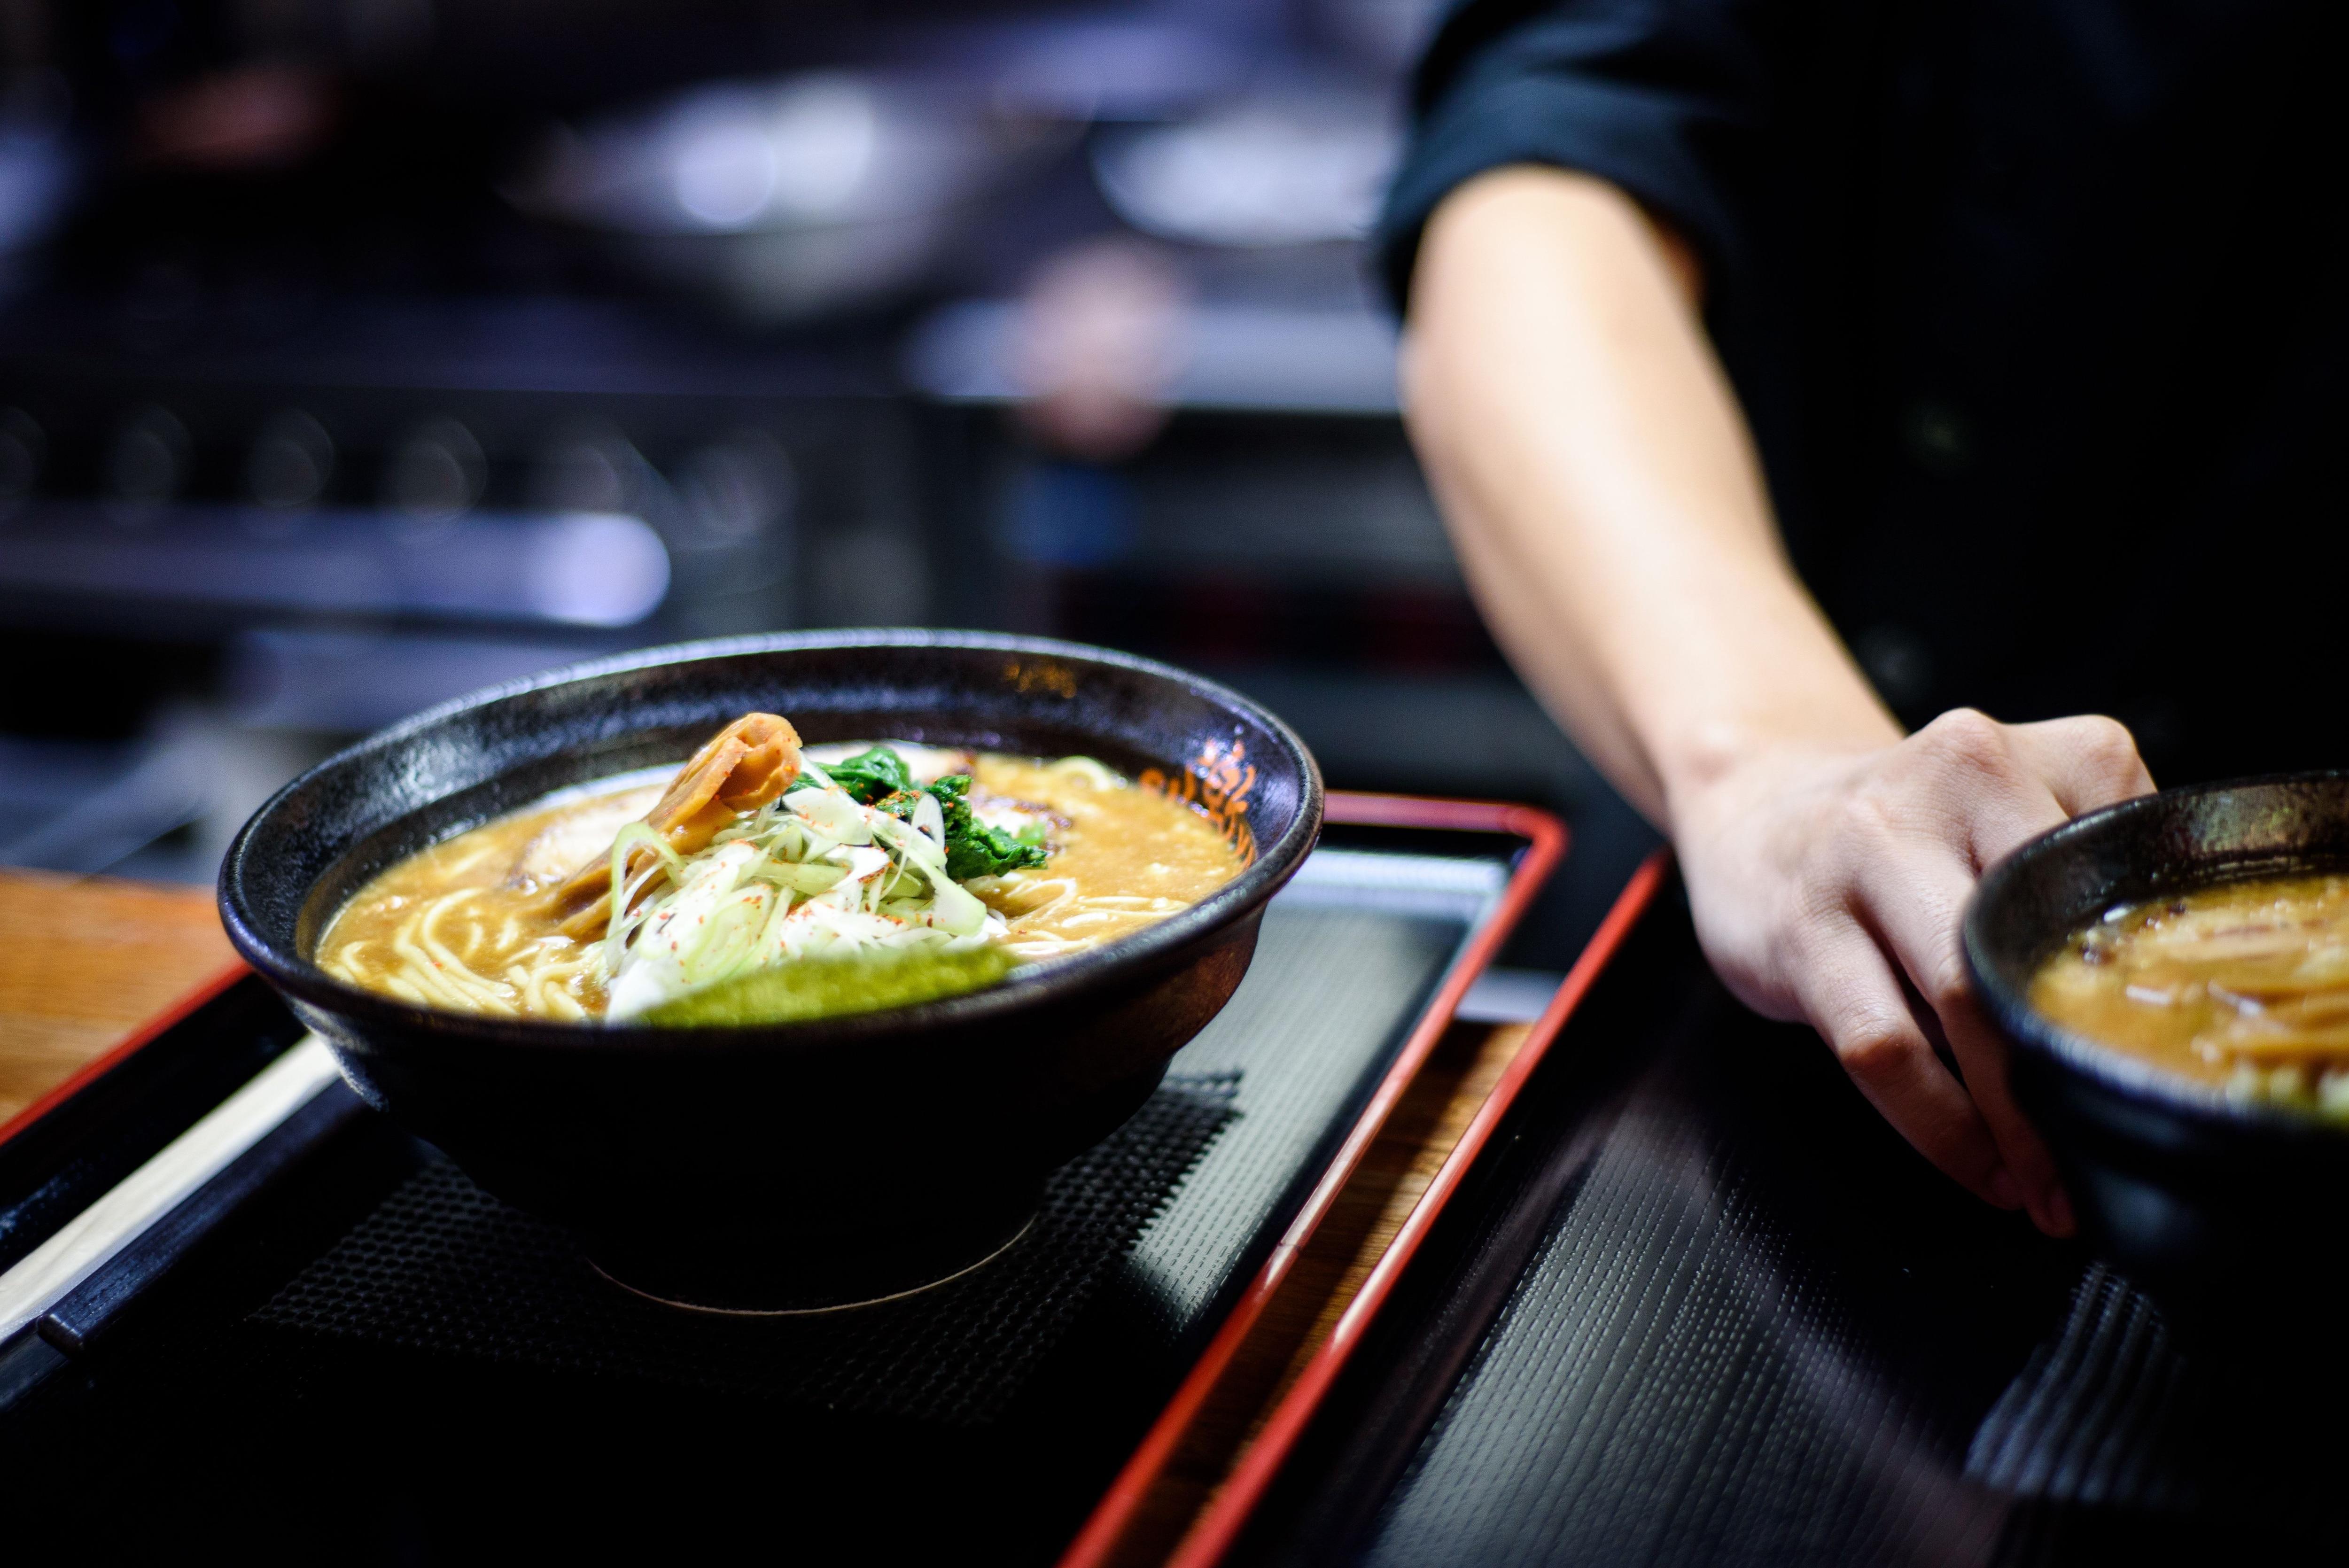 El ramen nació de la unión del fideo chino (men), caldo (dashi), salsa (tare), grasa y aceite, además de otros ingredientes